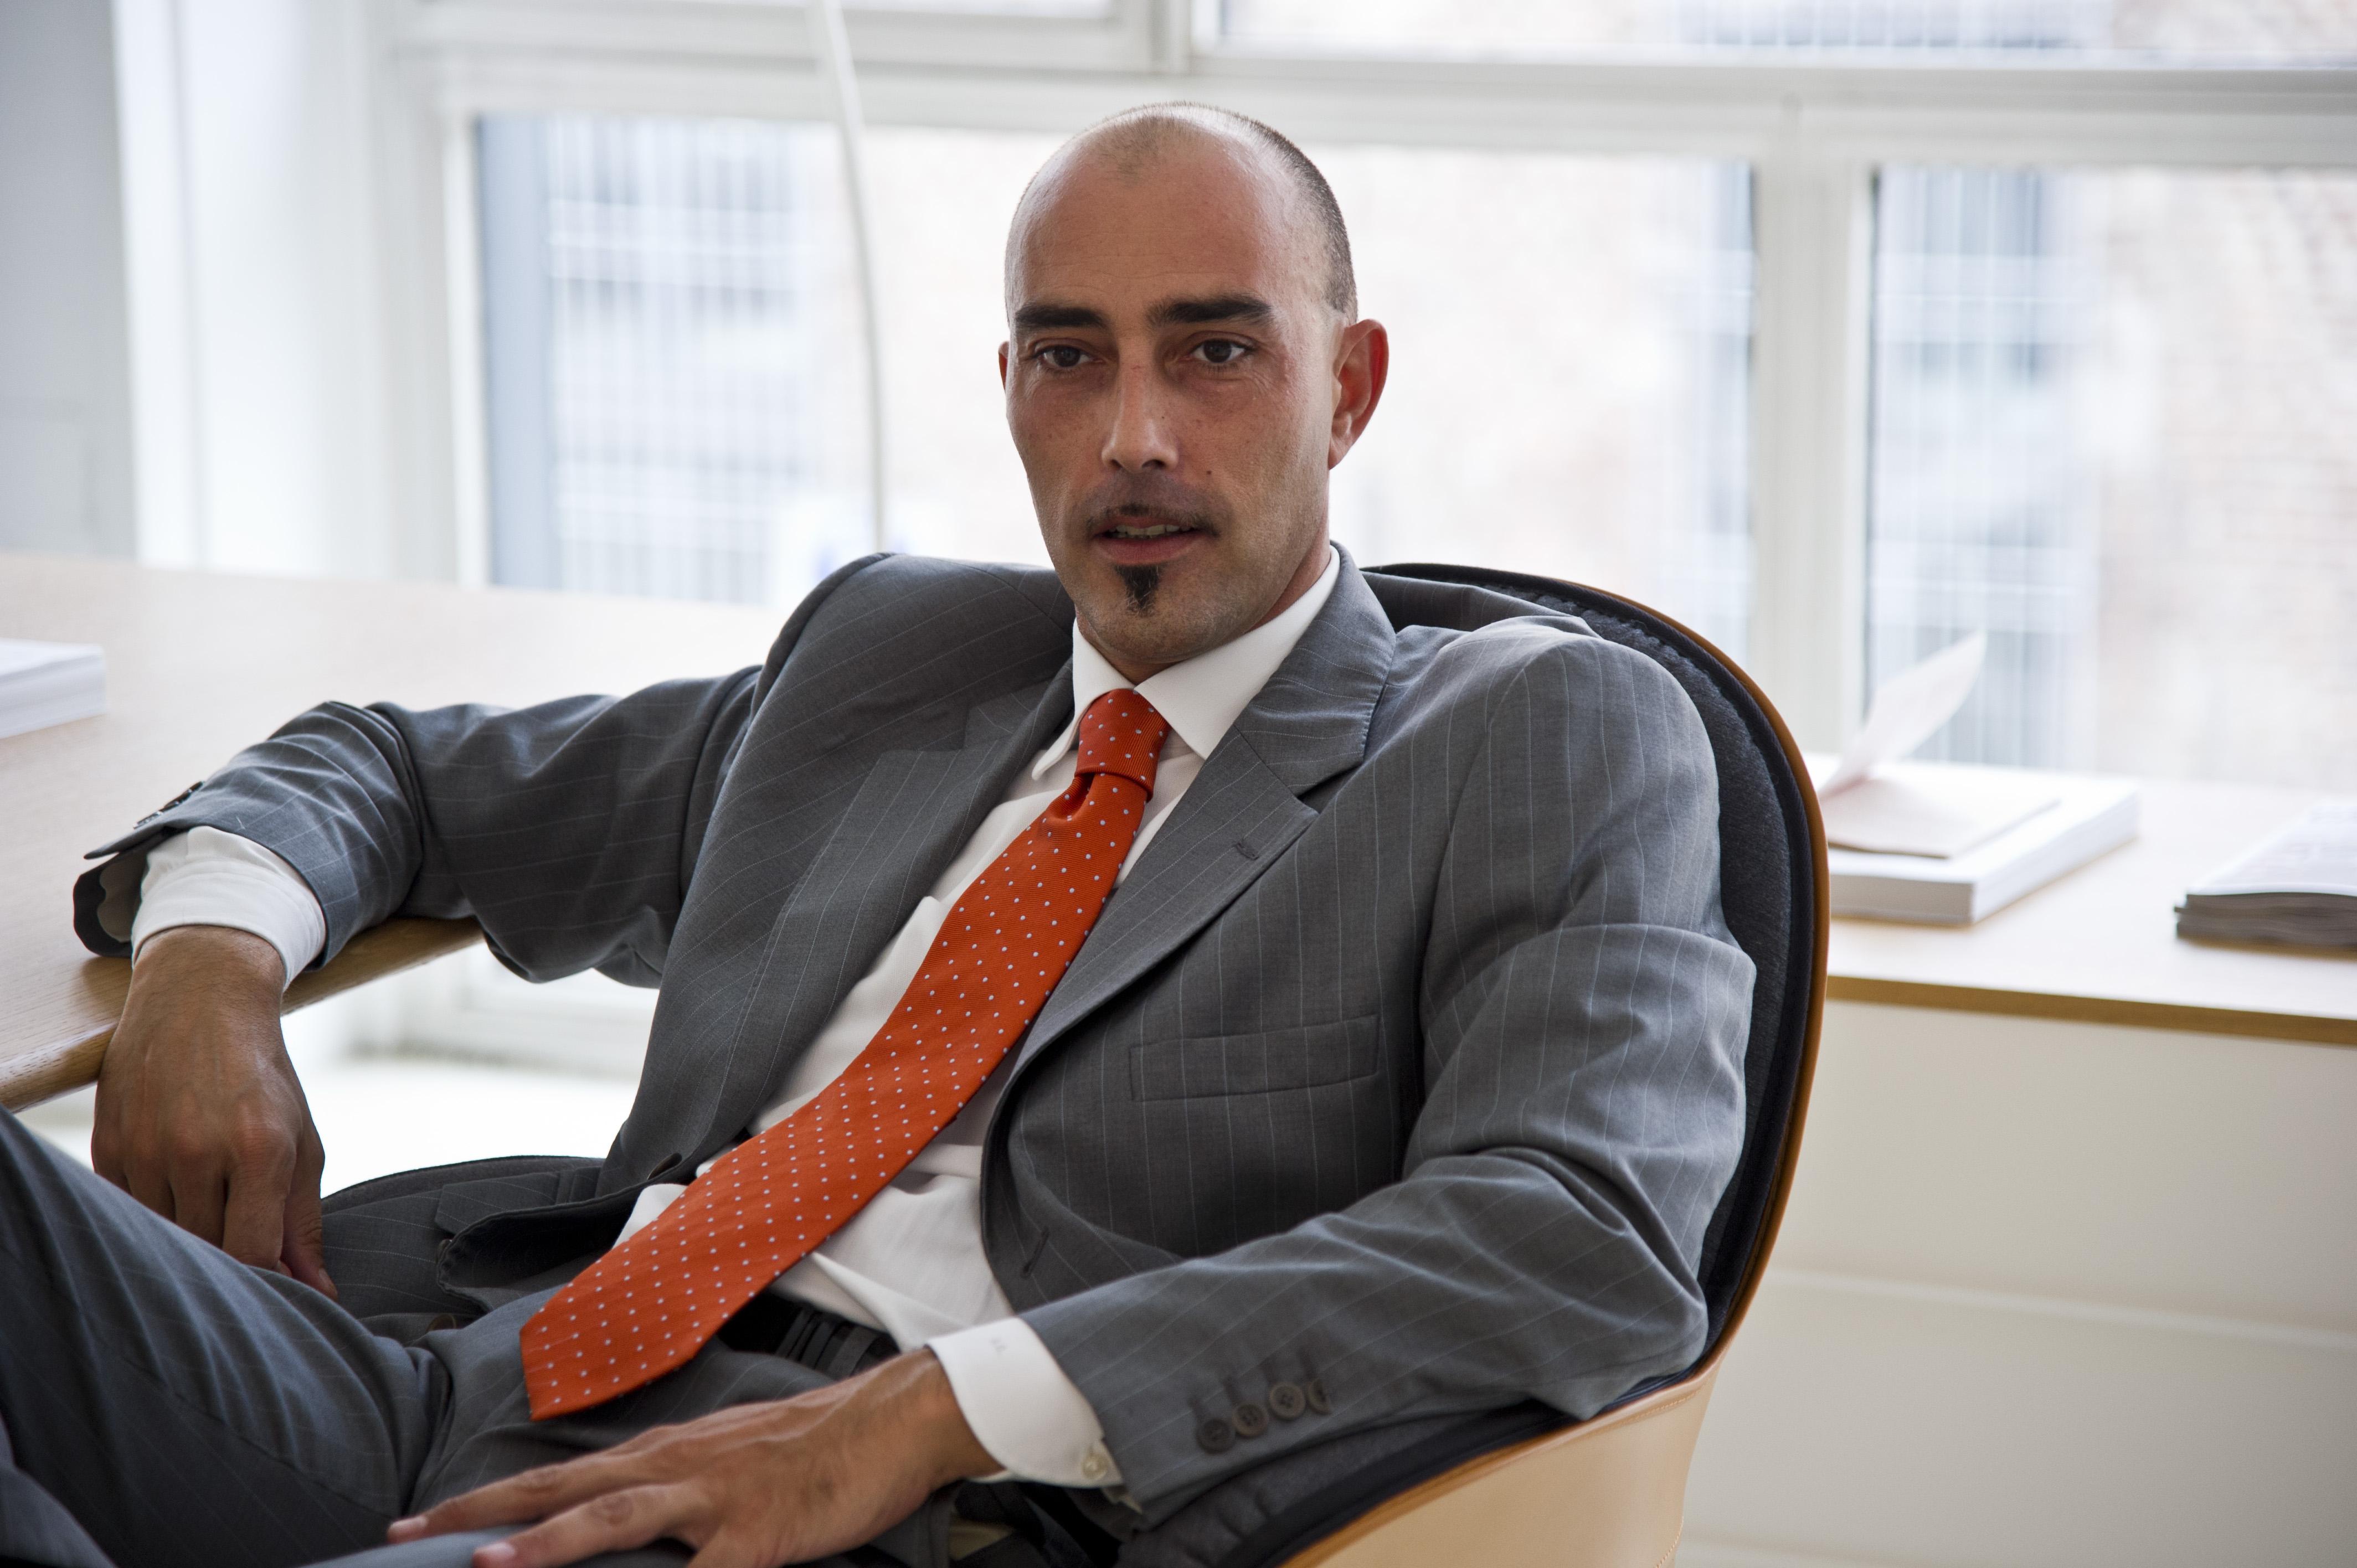 Intervista a Alberto Orsenigo, Sales Manager divisione Pro di Gigaset Italia